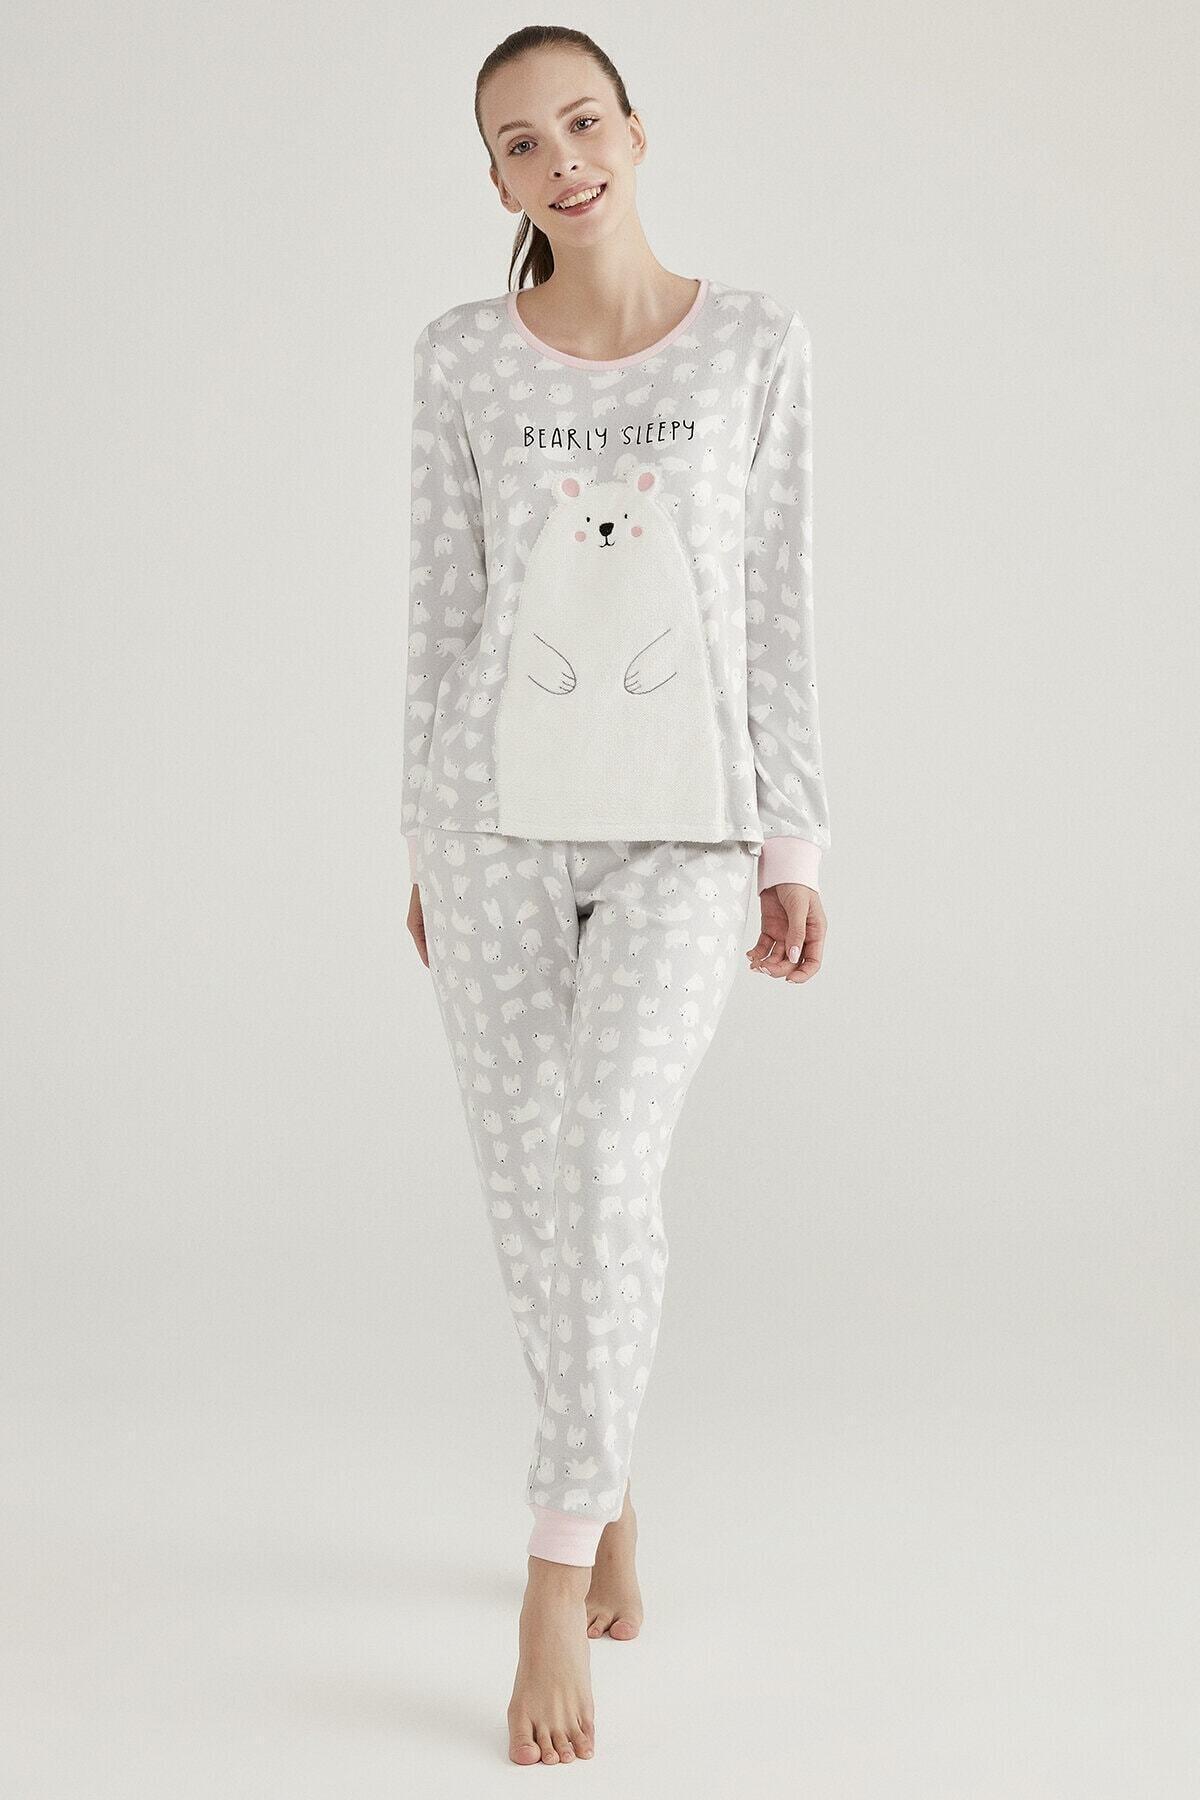 Penti Gri Polar Bear Termal Pijama Takımı 1